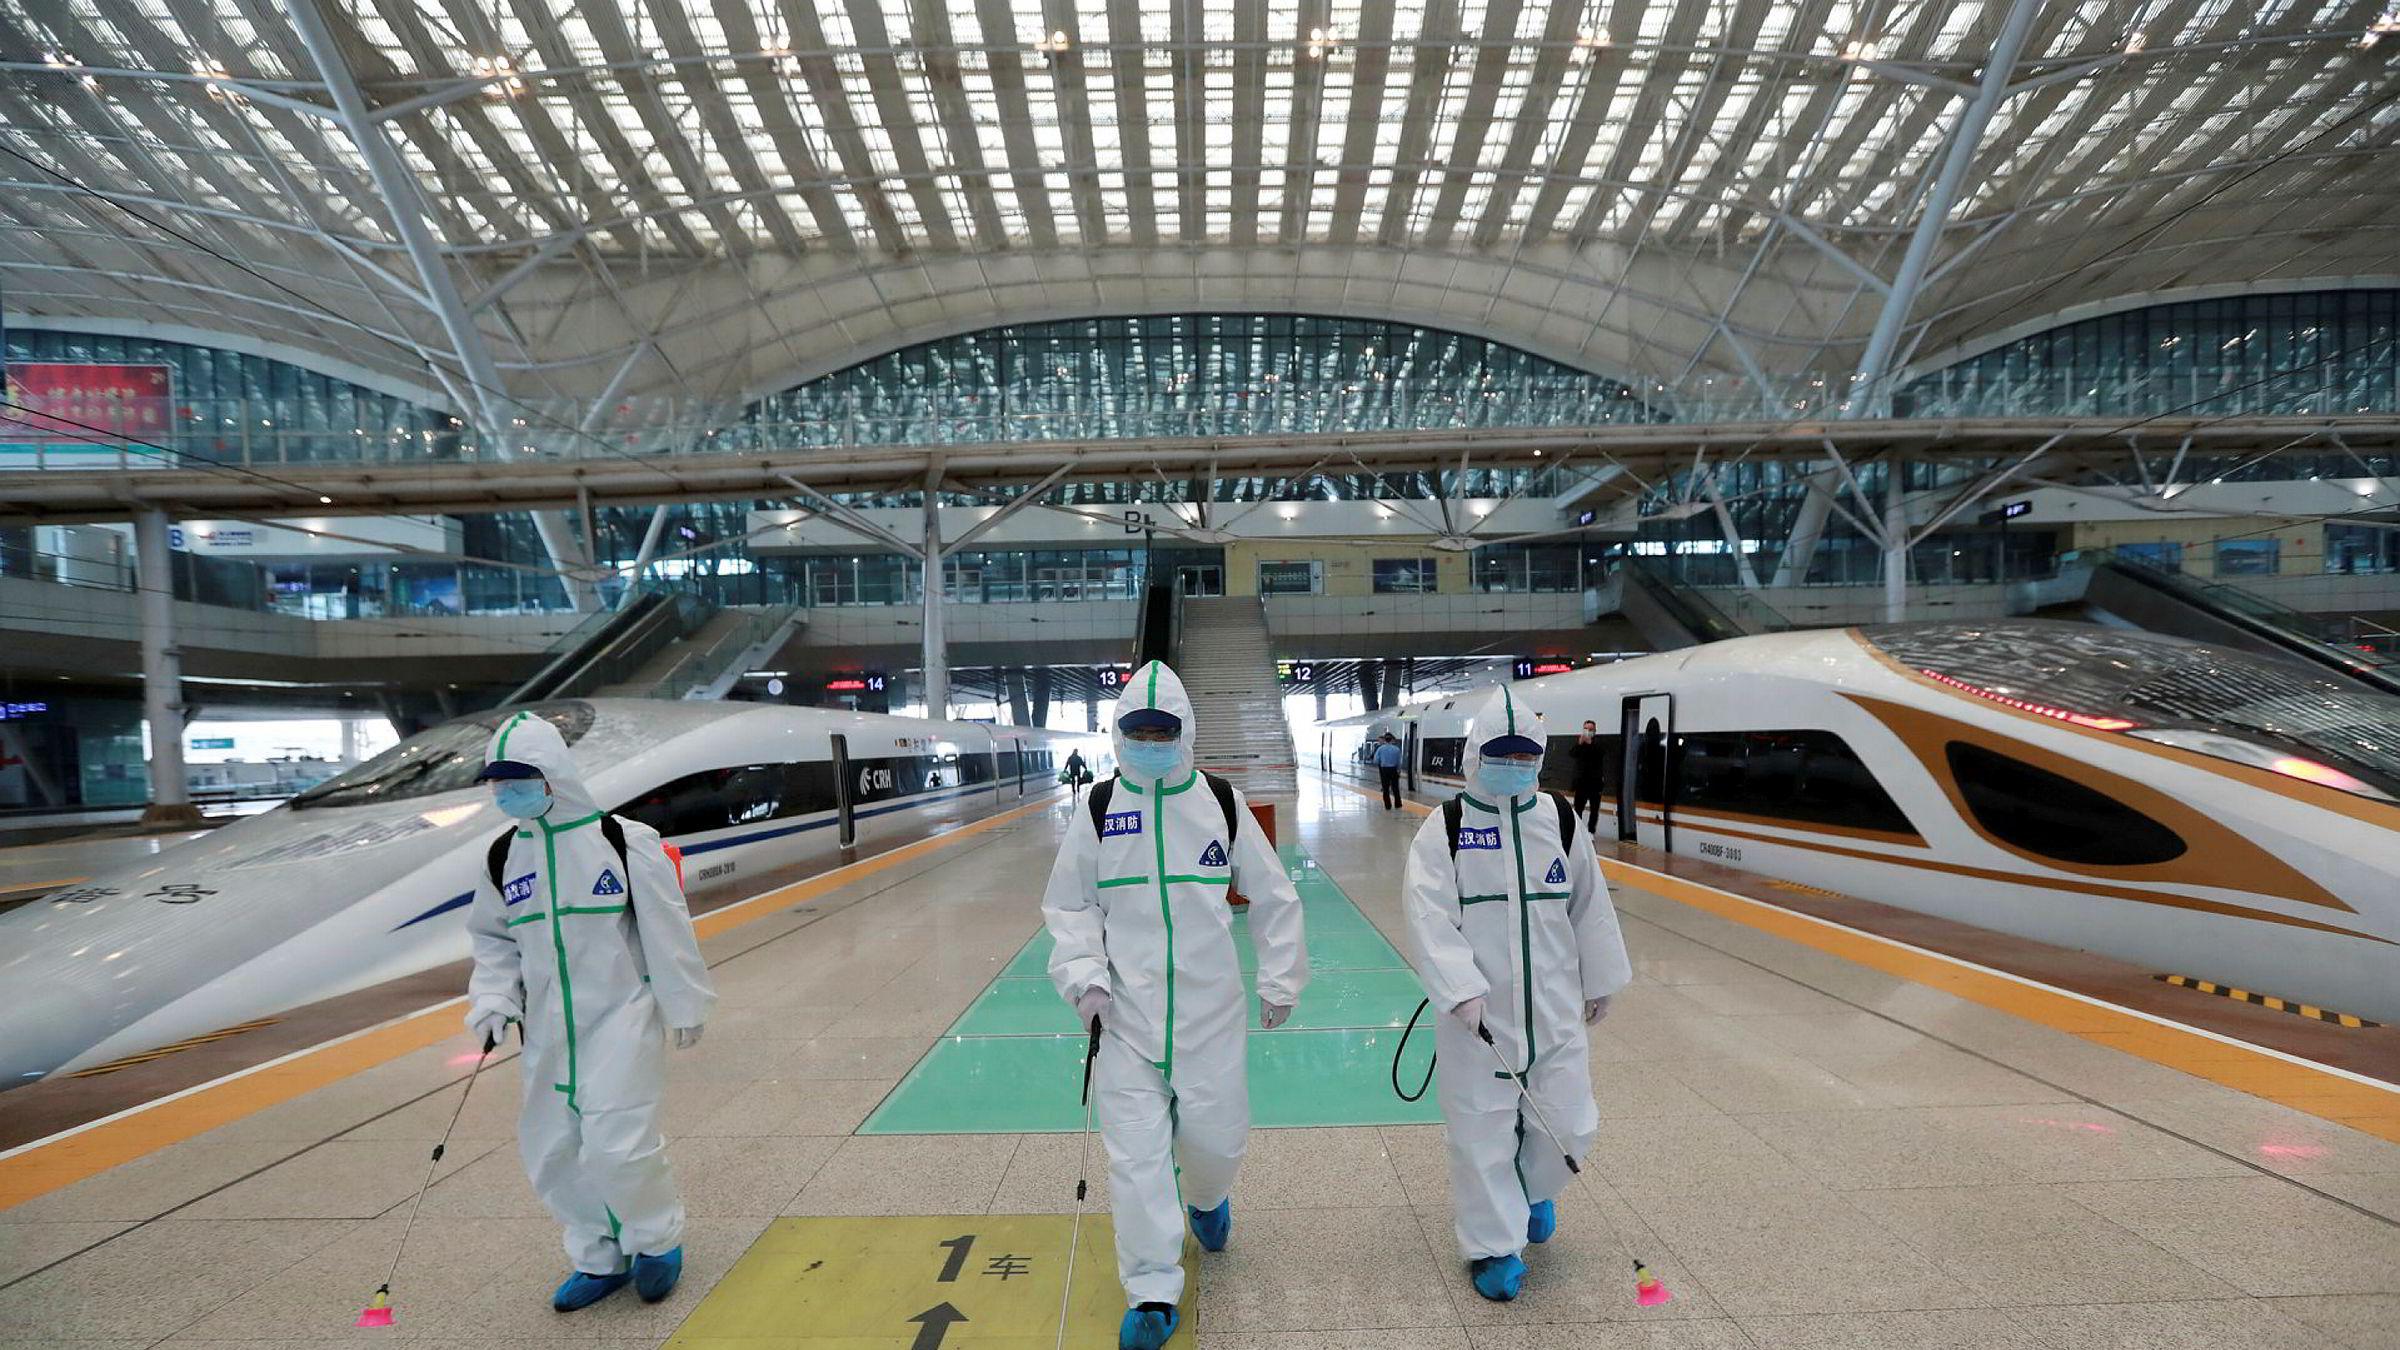 Brannmenn desinfiserer jernbanestasjonen i Wuhan i Kina. Estimater tyder på at restriksjonene i Kina har spart flere liv takket være mindre forurensning, enn antallet som har dødd av viruset.